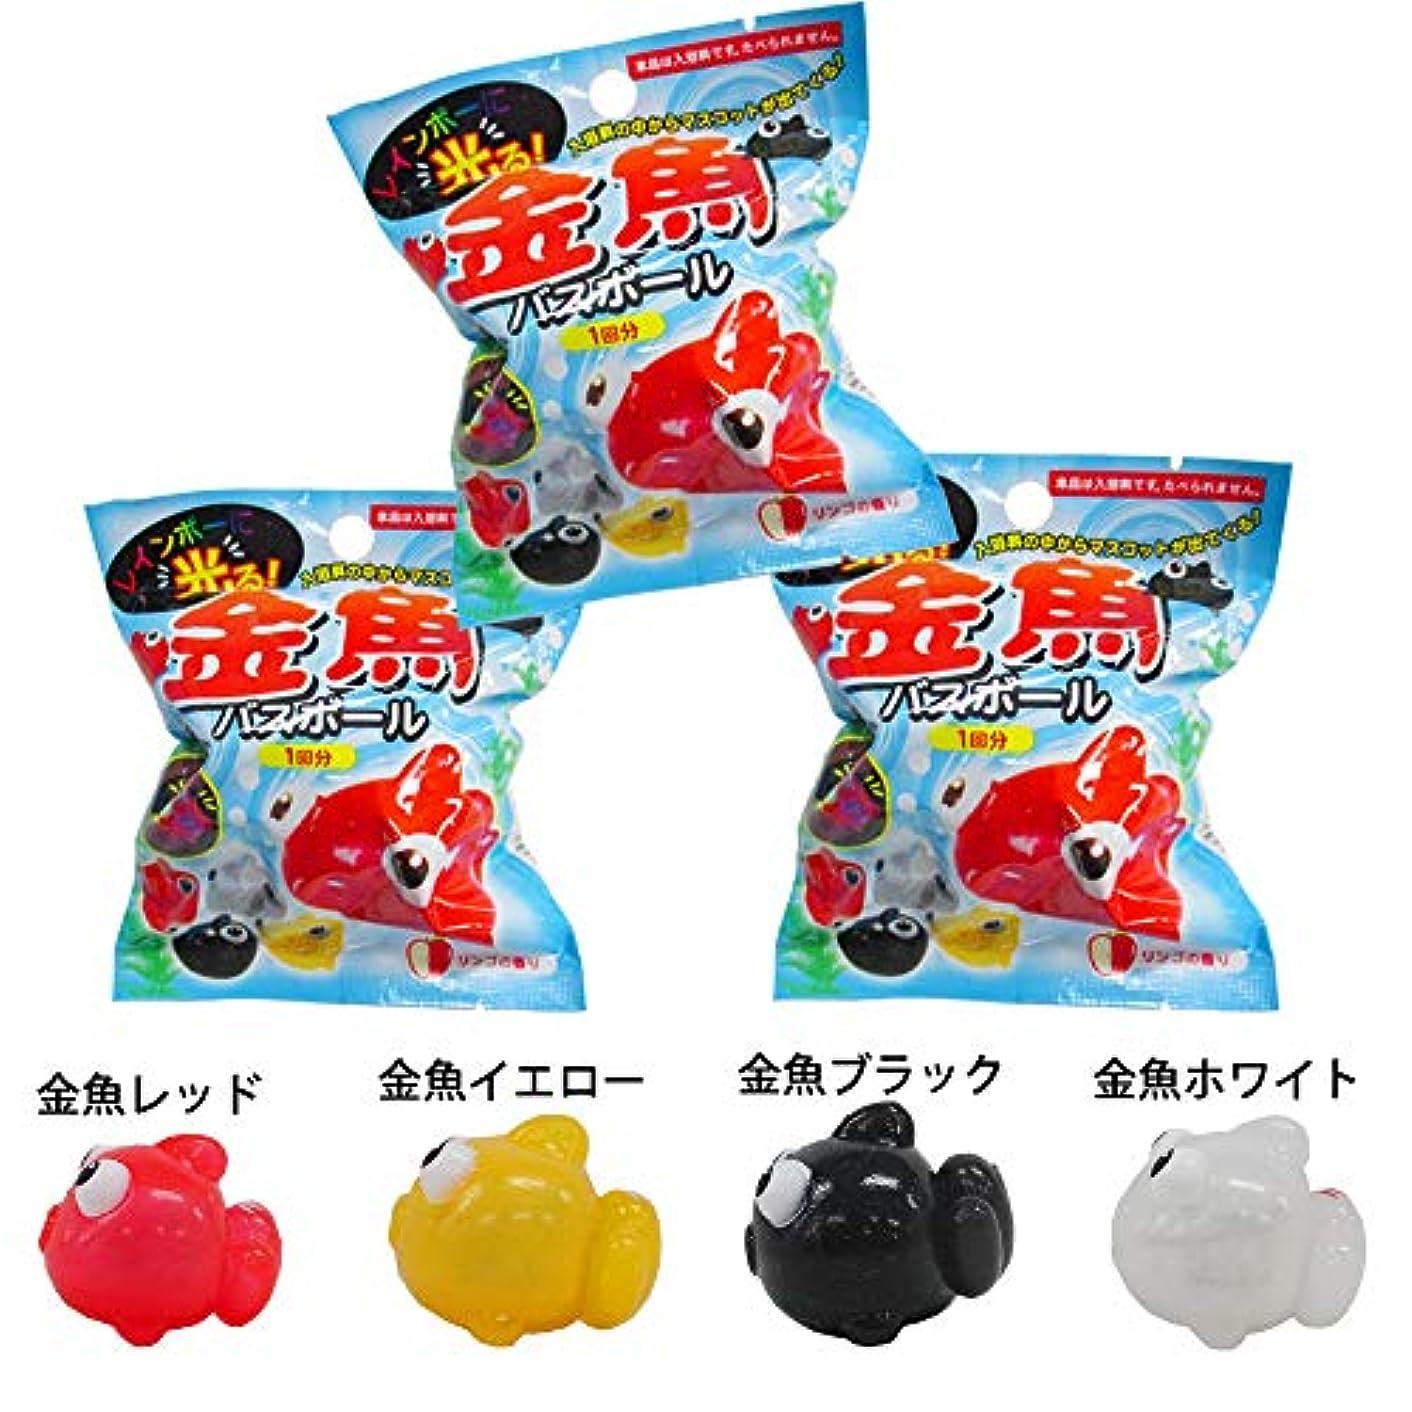 自発代替案言及する【3個セット】 光る レインボー バスボール 入浴剤 金魚 りんごの香り